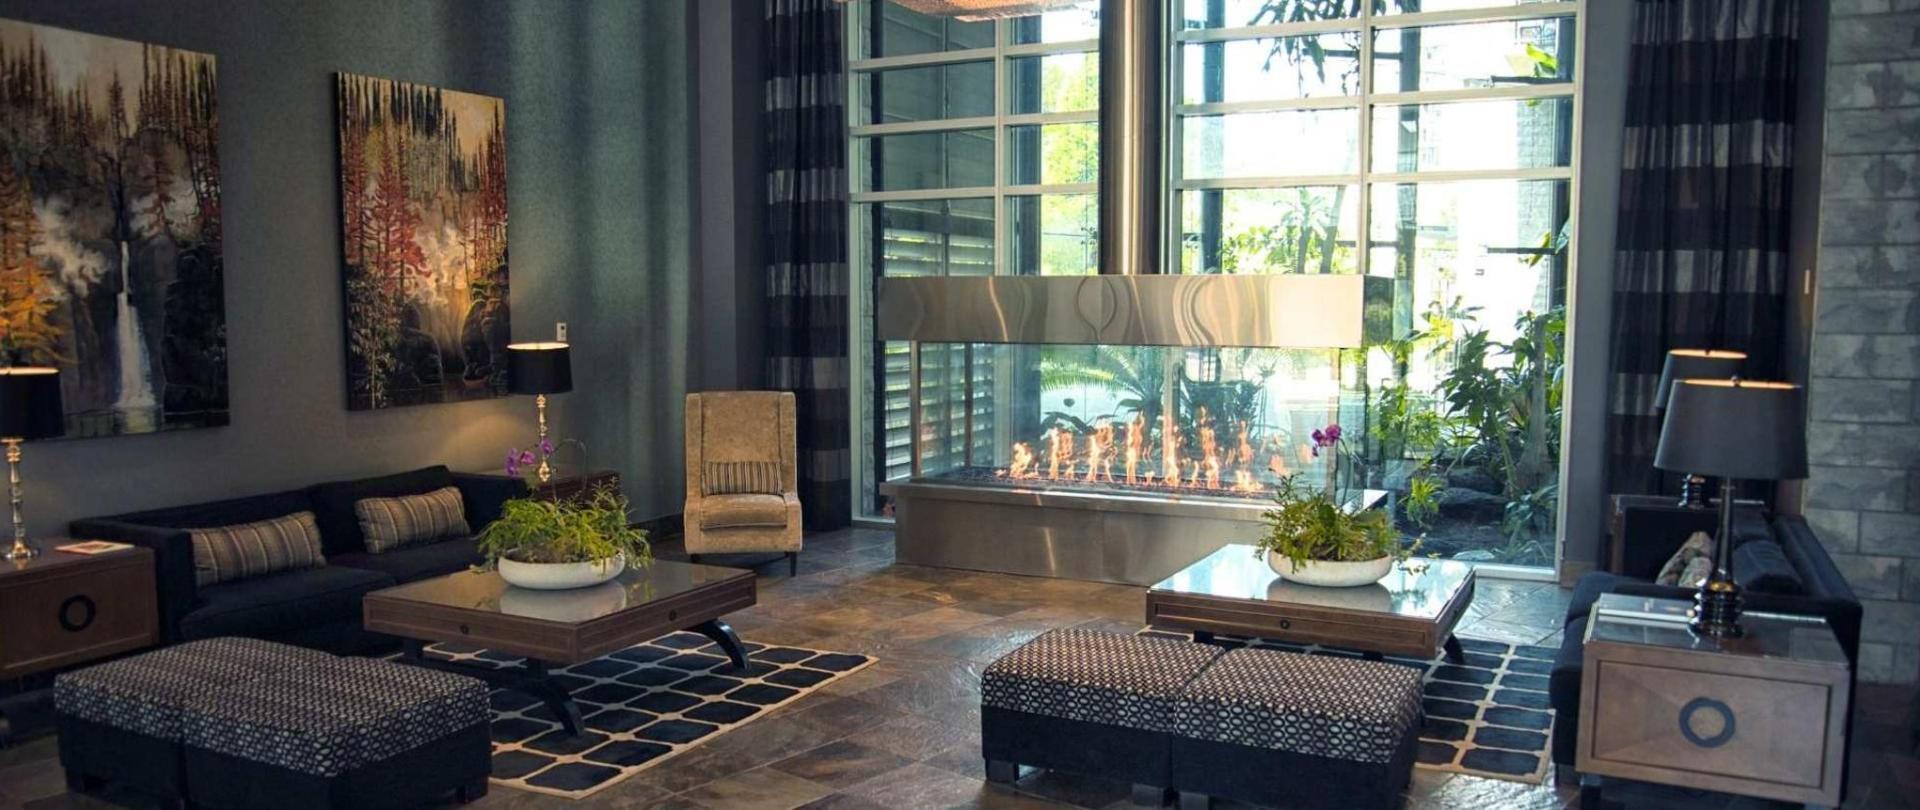 lobby-lyf.jpg.1920x807_0_201_10000.jpg